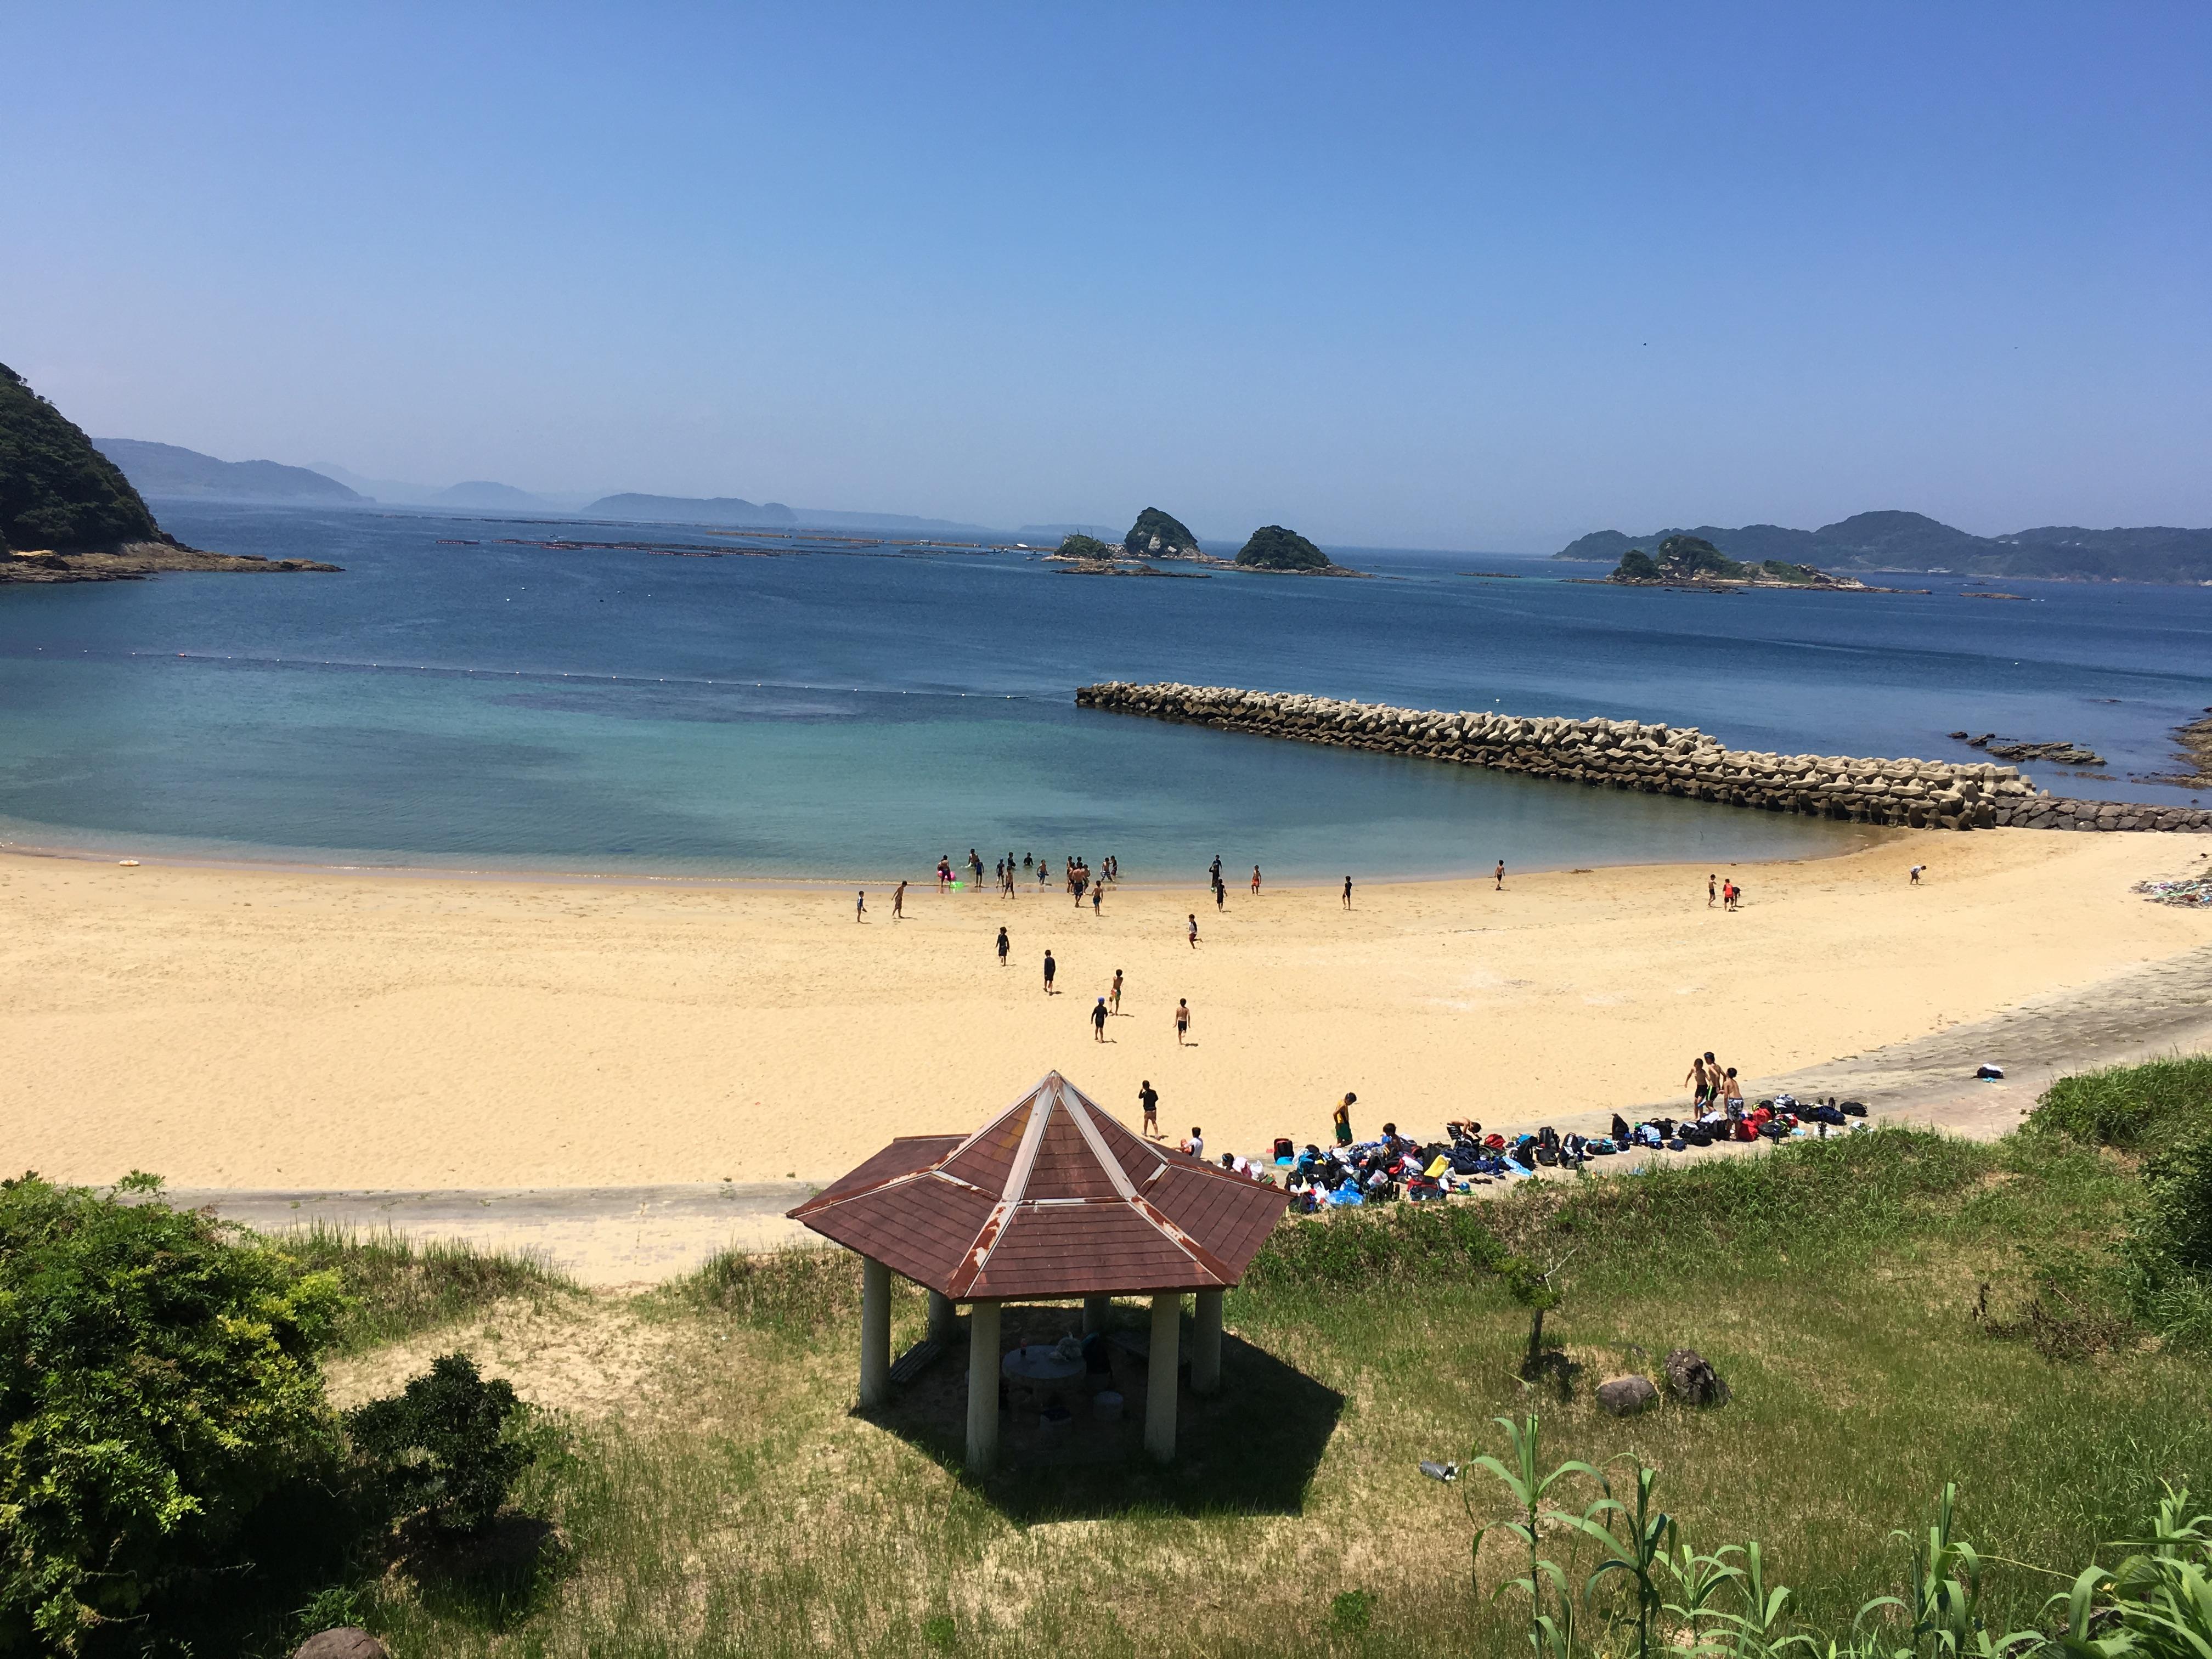 『恐怖の!?』夏合宿キャンプ(低・中学年編)1日目